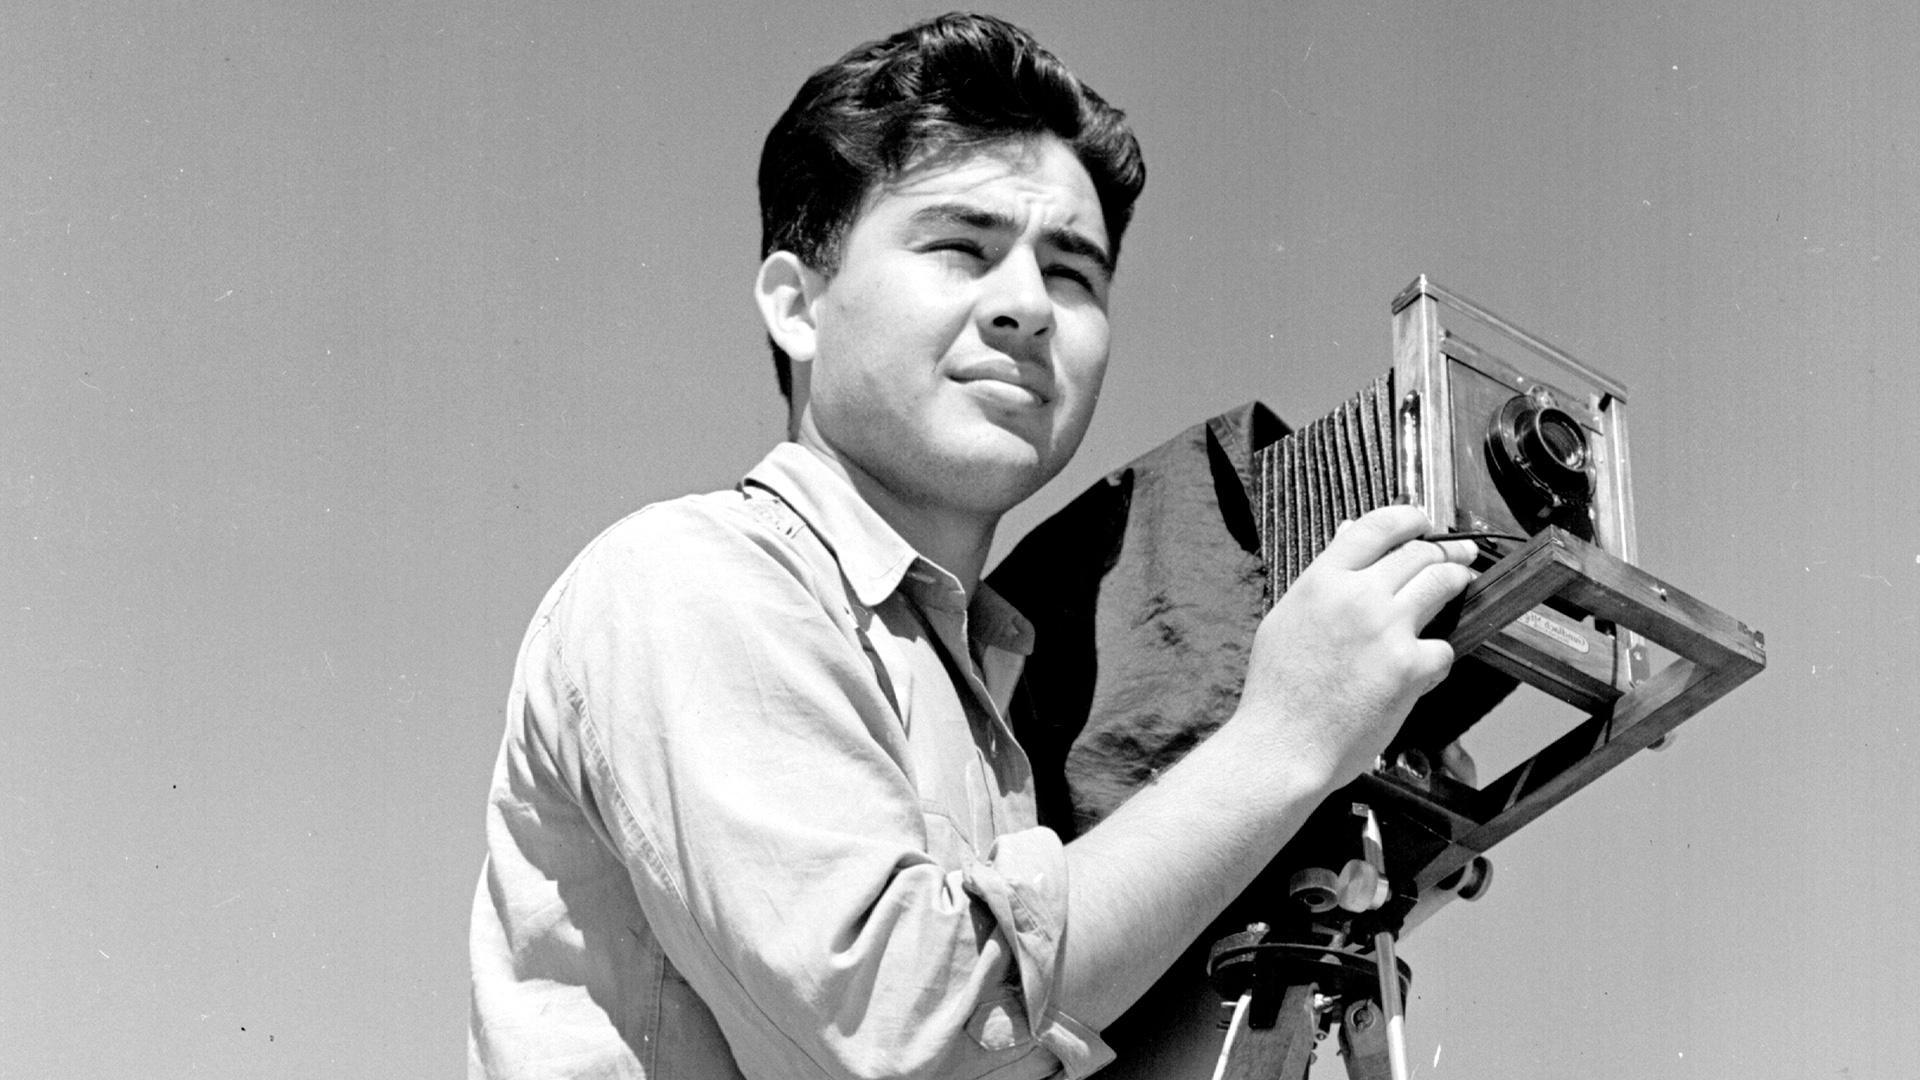 En Español: Pedro E. Guerrero: A Photographer's Journey